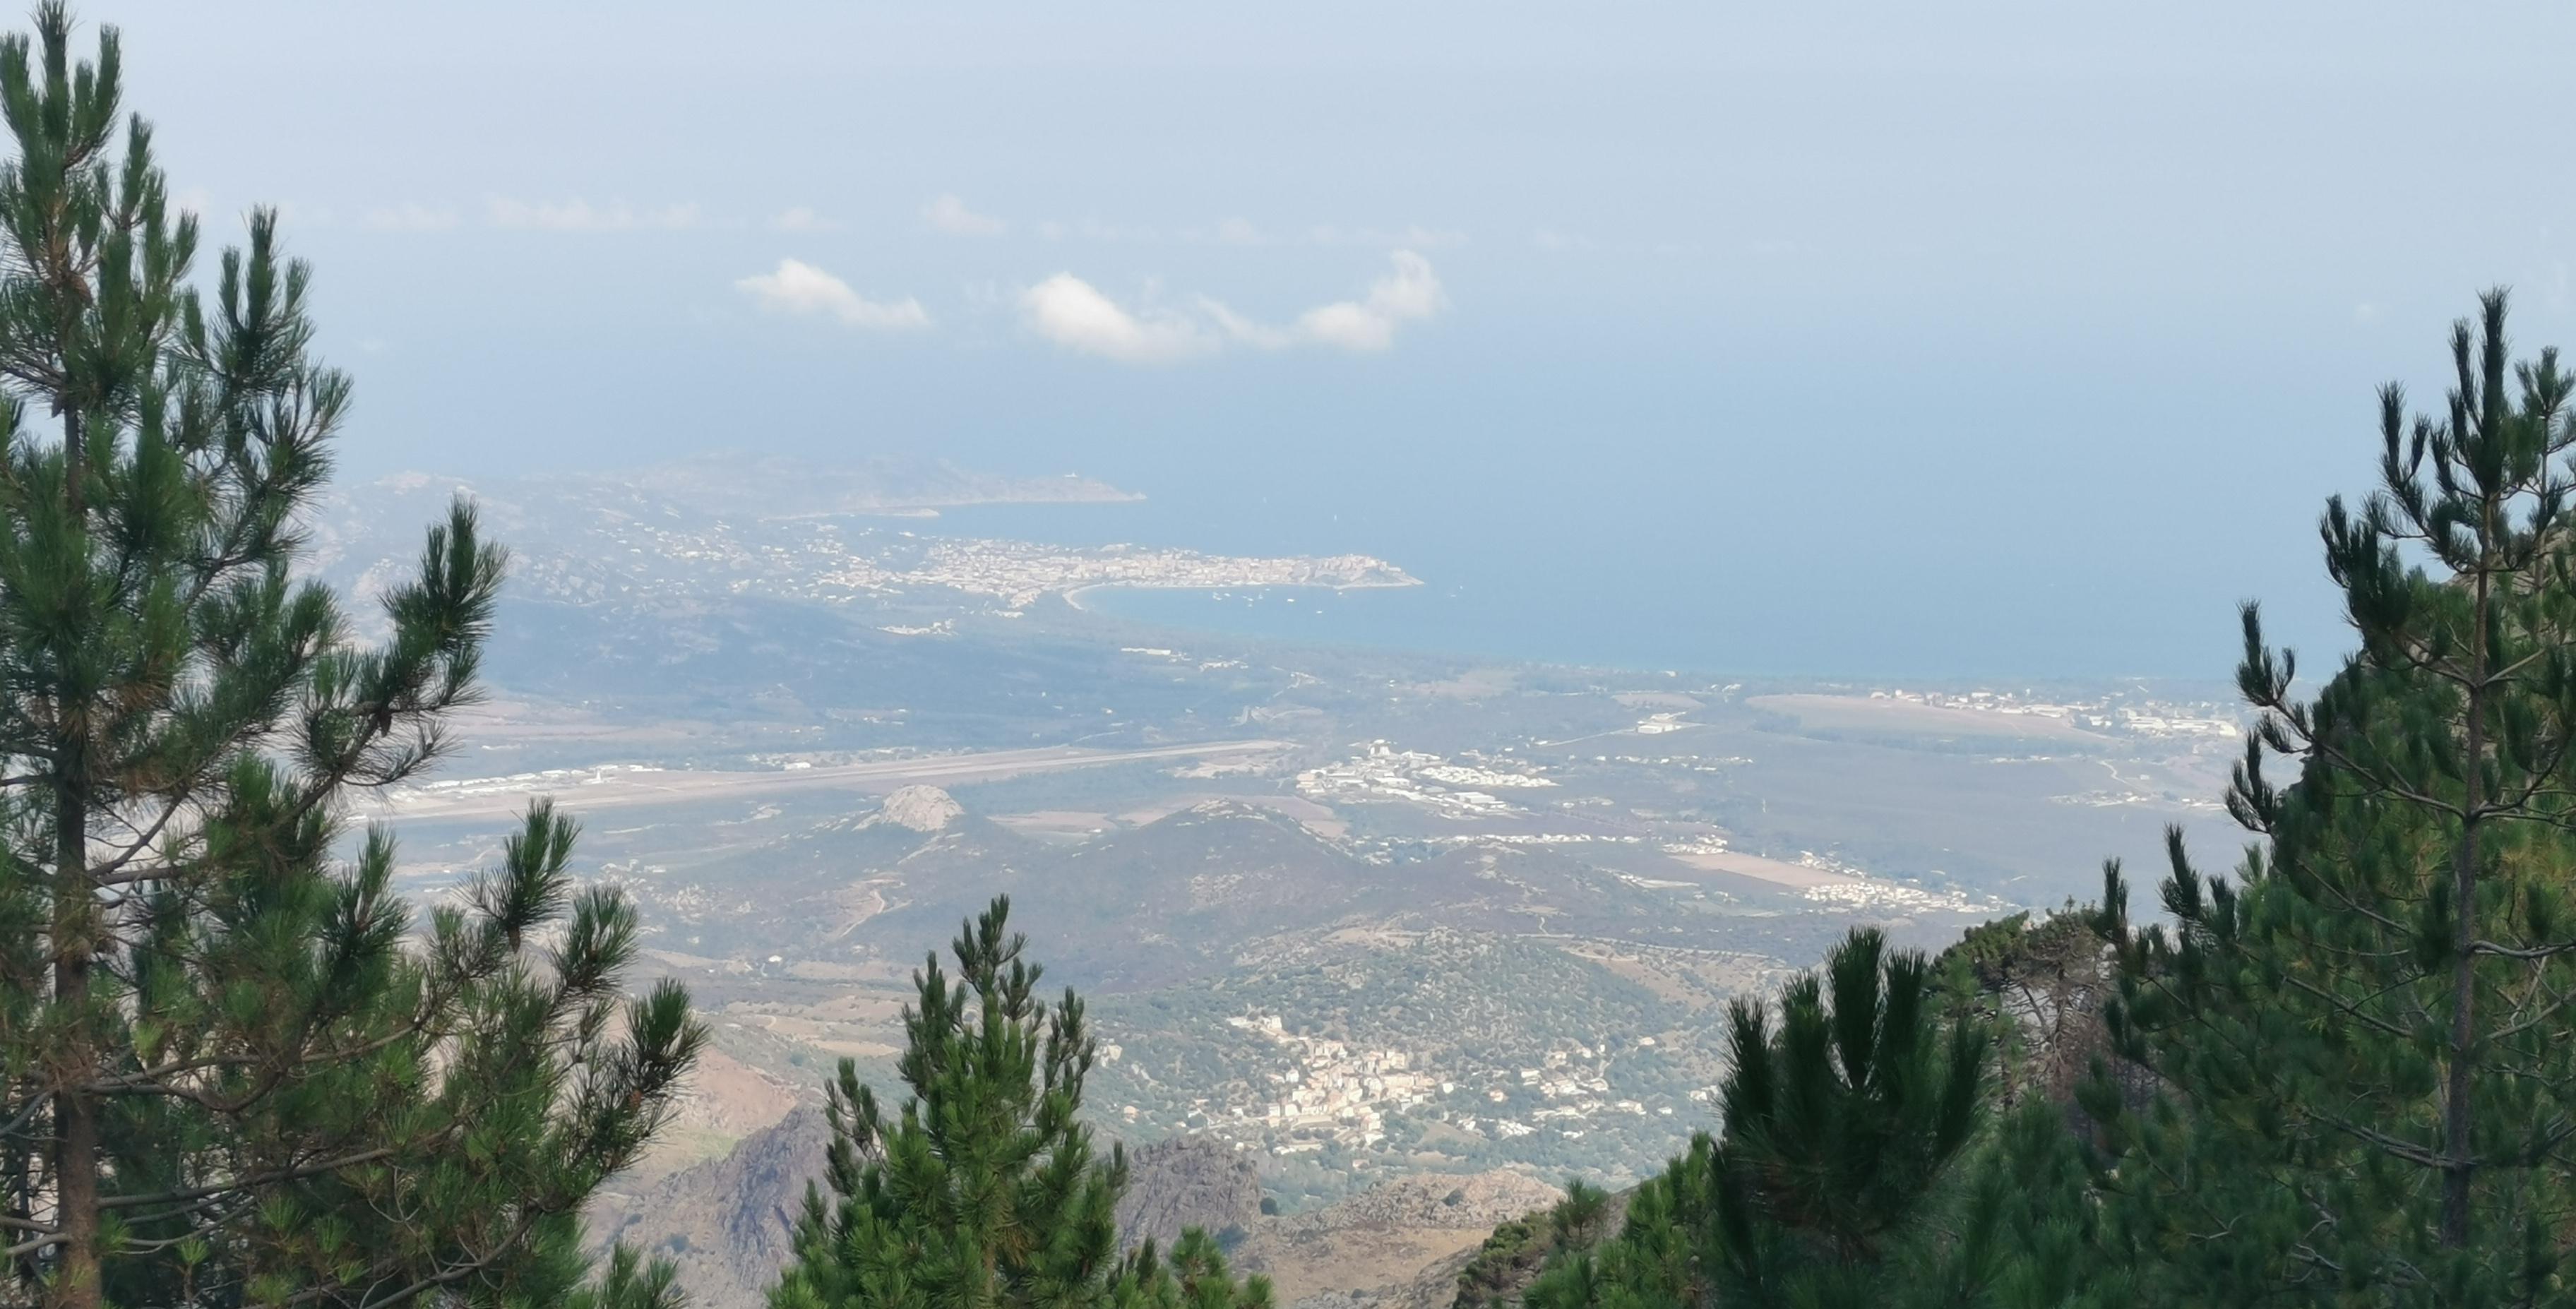 vue sur Calvi, la piste d'atterissage de Calvi, et Calenzana